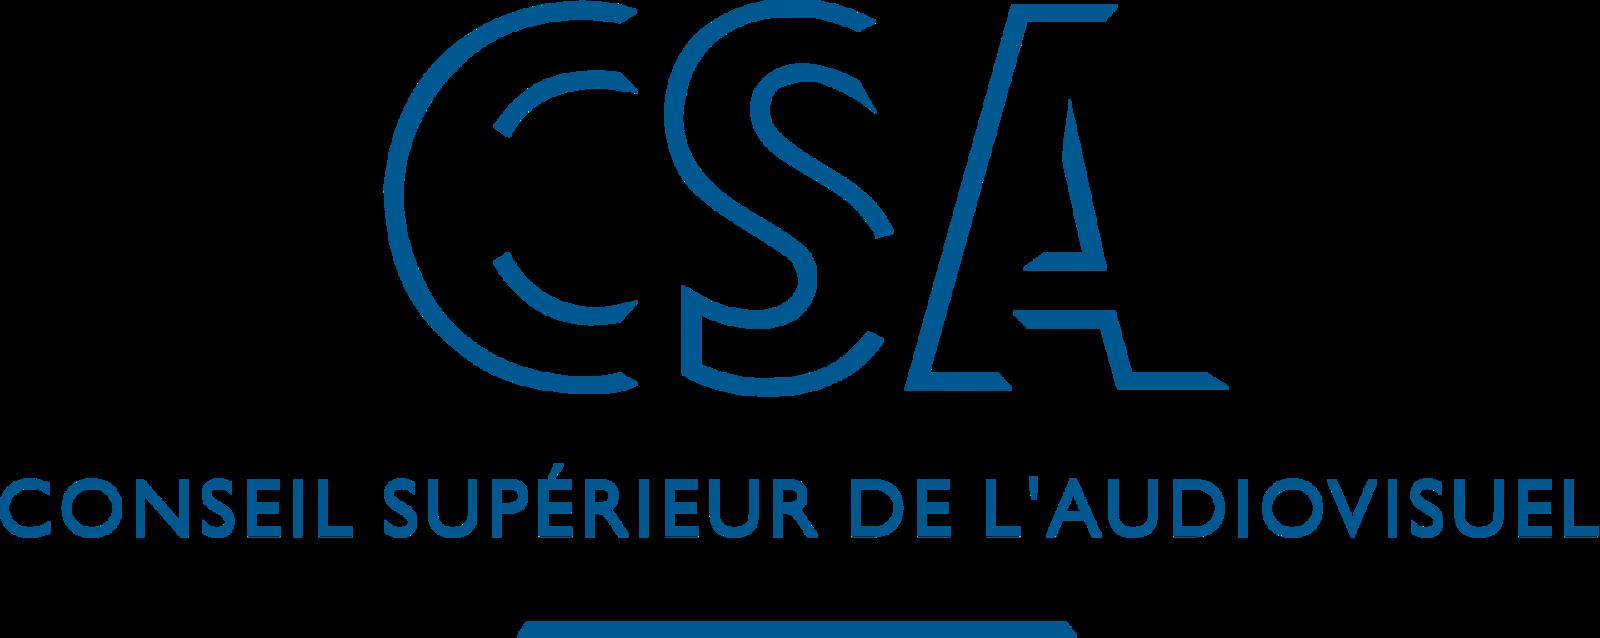 Recommandation du CSA aux services de radio et de TV en vue de la consultation sur l'accession à la pleine souveraineté de la Nouvelle-Calédonie